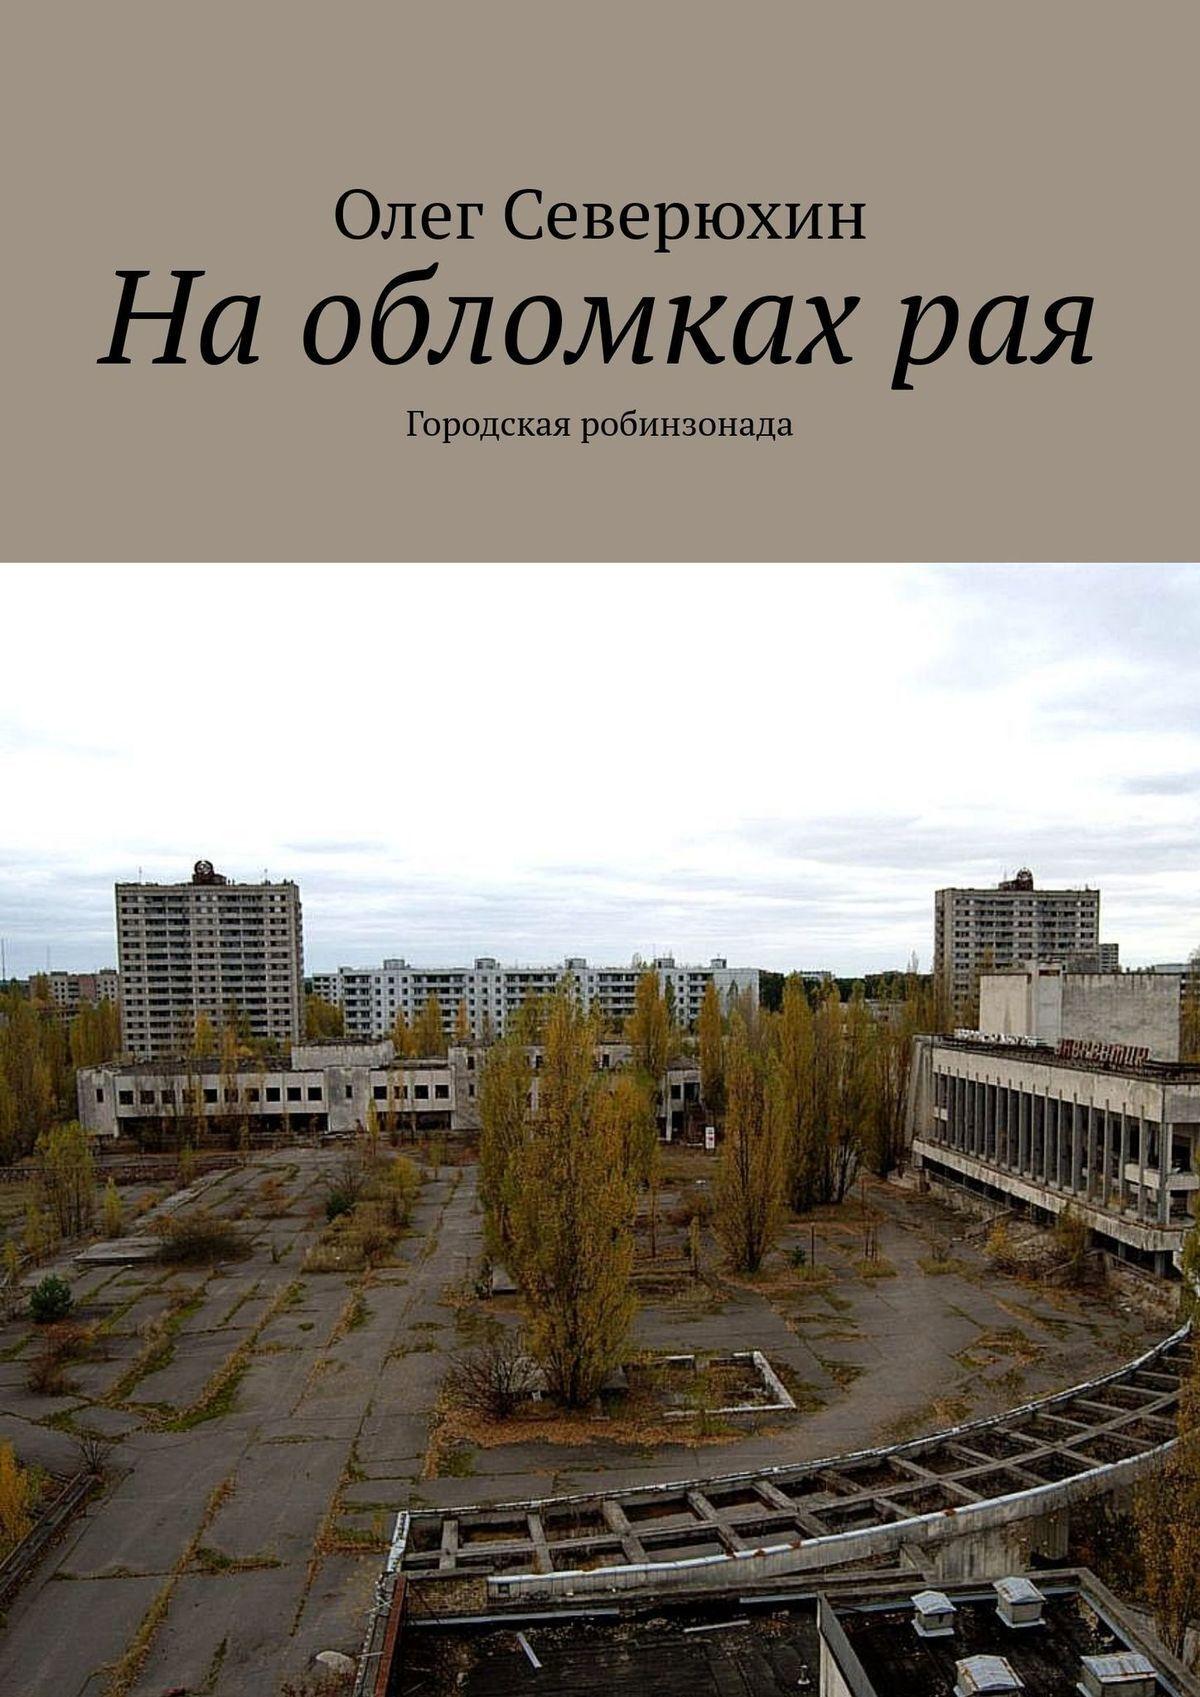 Олег Васильевич Северюхин Наобломкахрая. Городская робинзонада цена